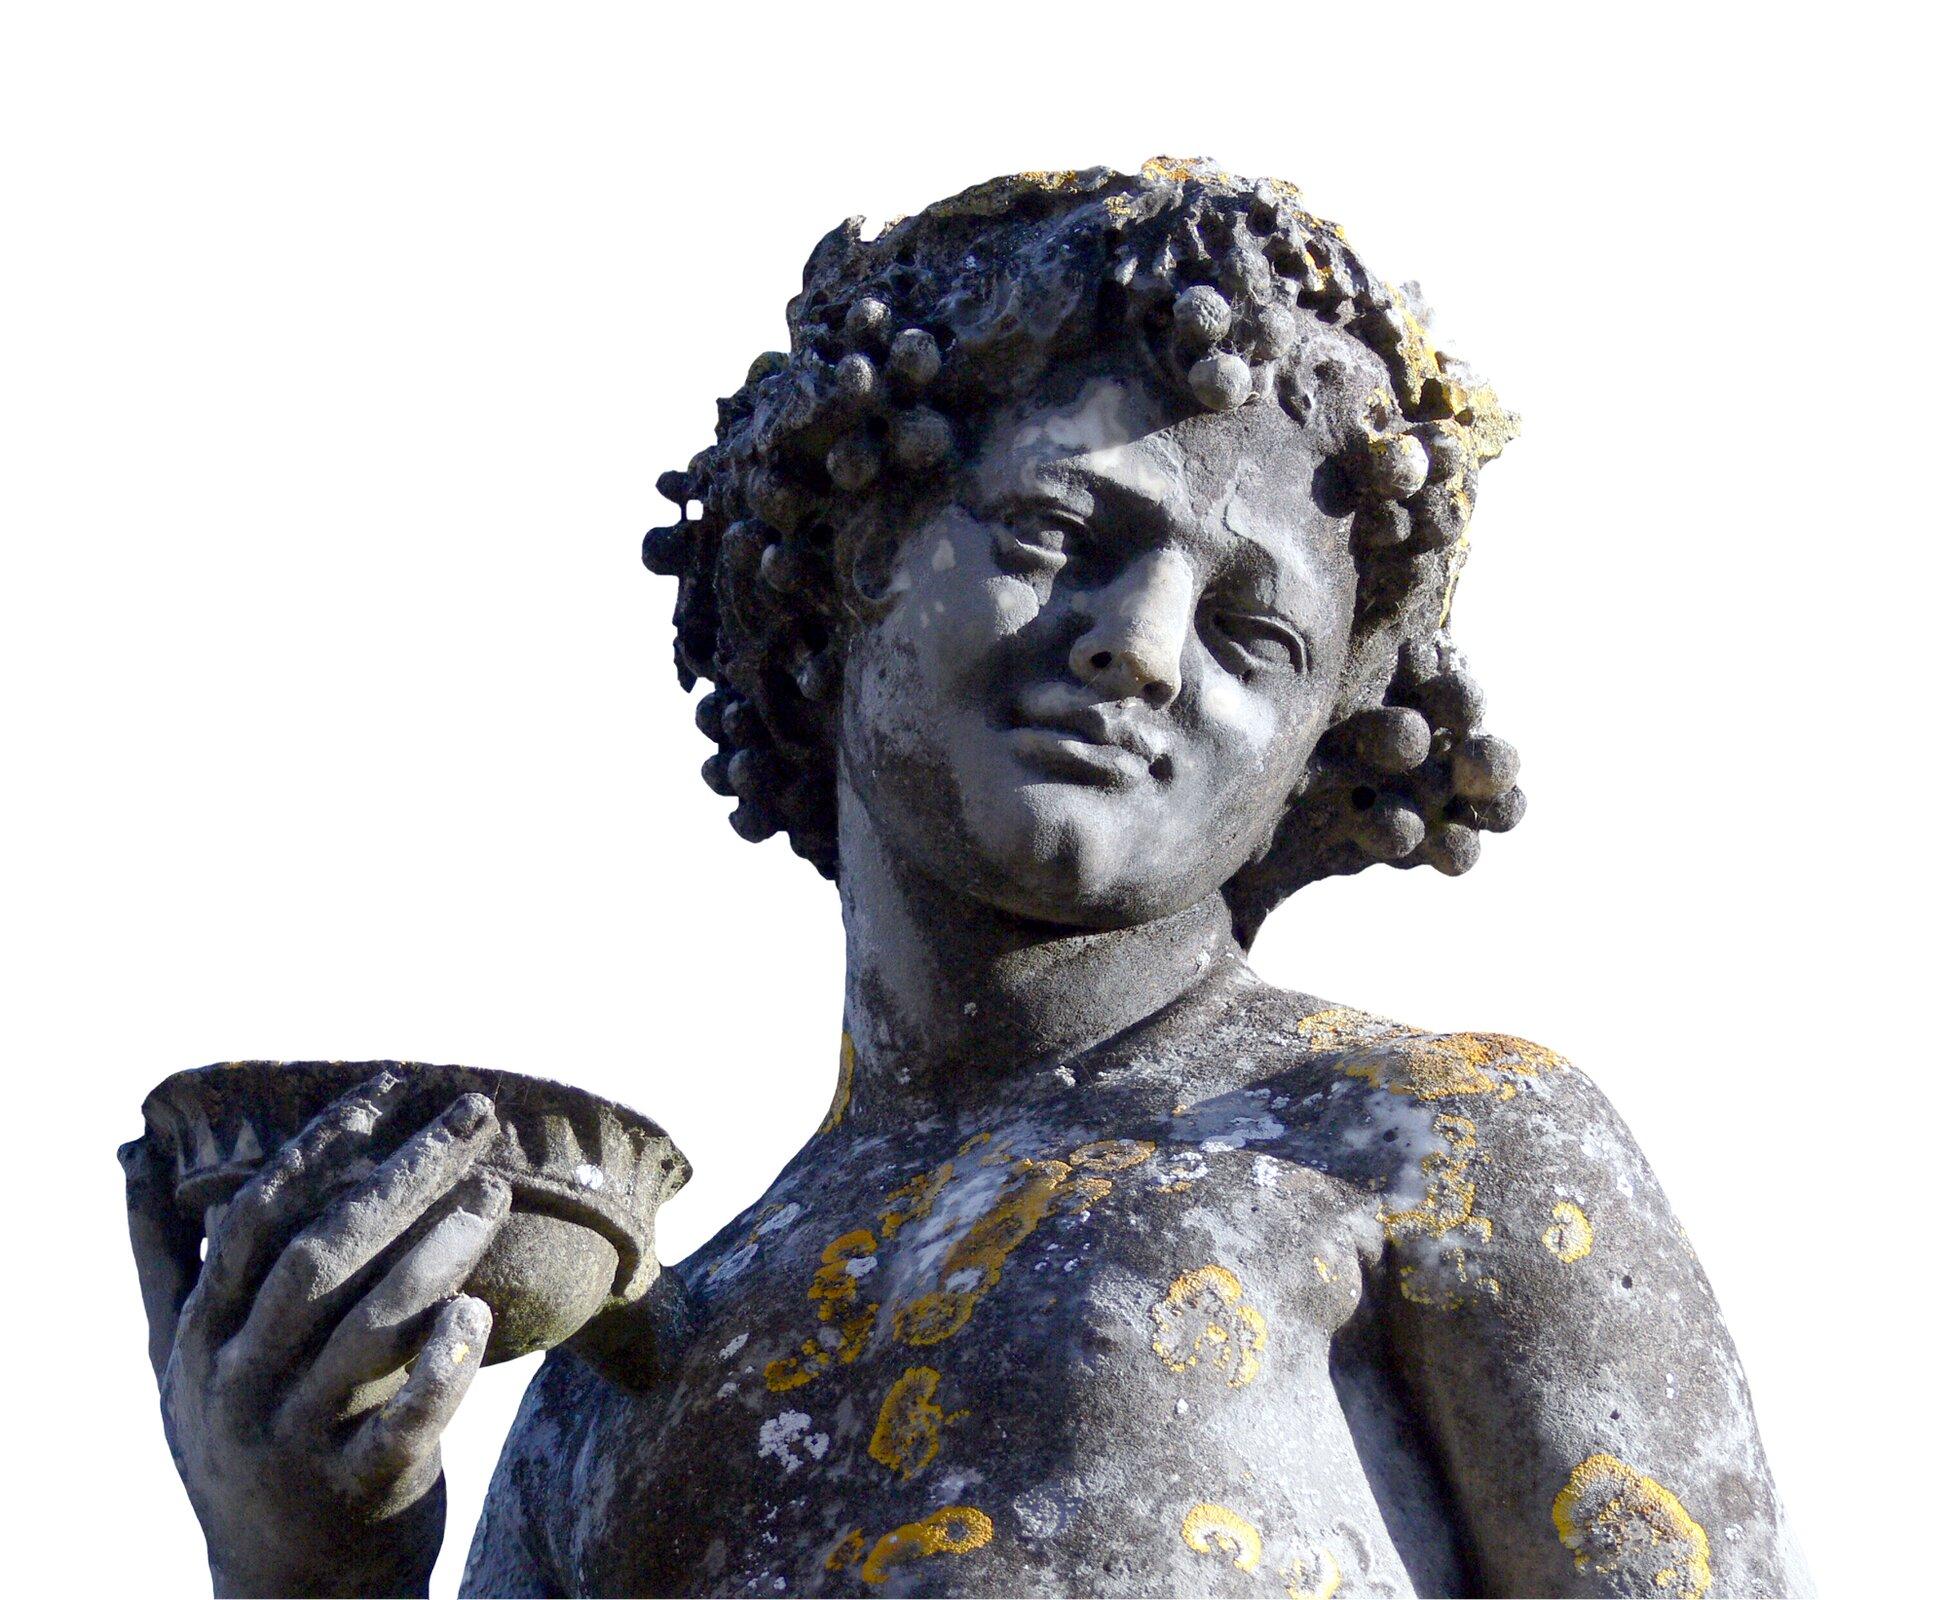 Młody Bachus (Dionizos) Młody Bachus (Dionizos) Źródło: Mamjodh, Albi, Tarn, Francja, licencja: CC BY 2.0.